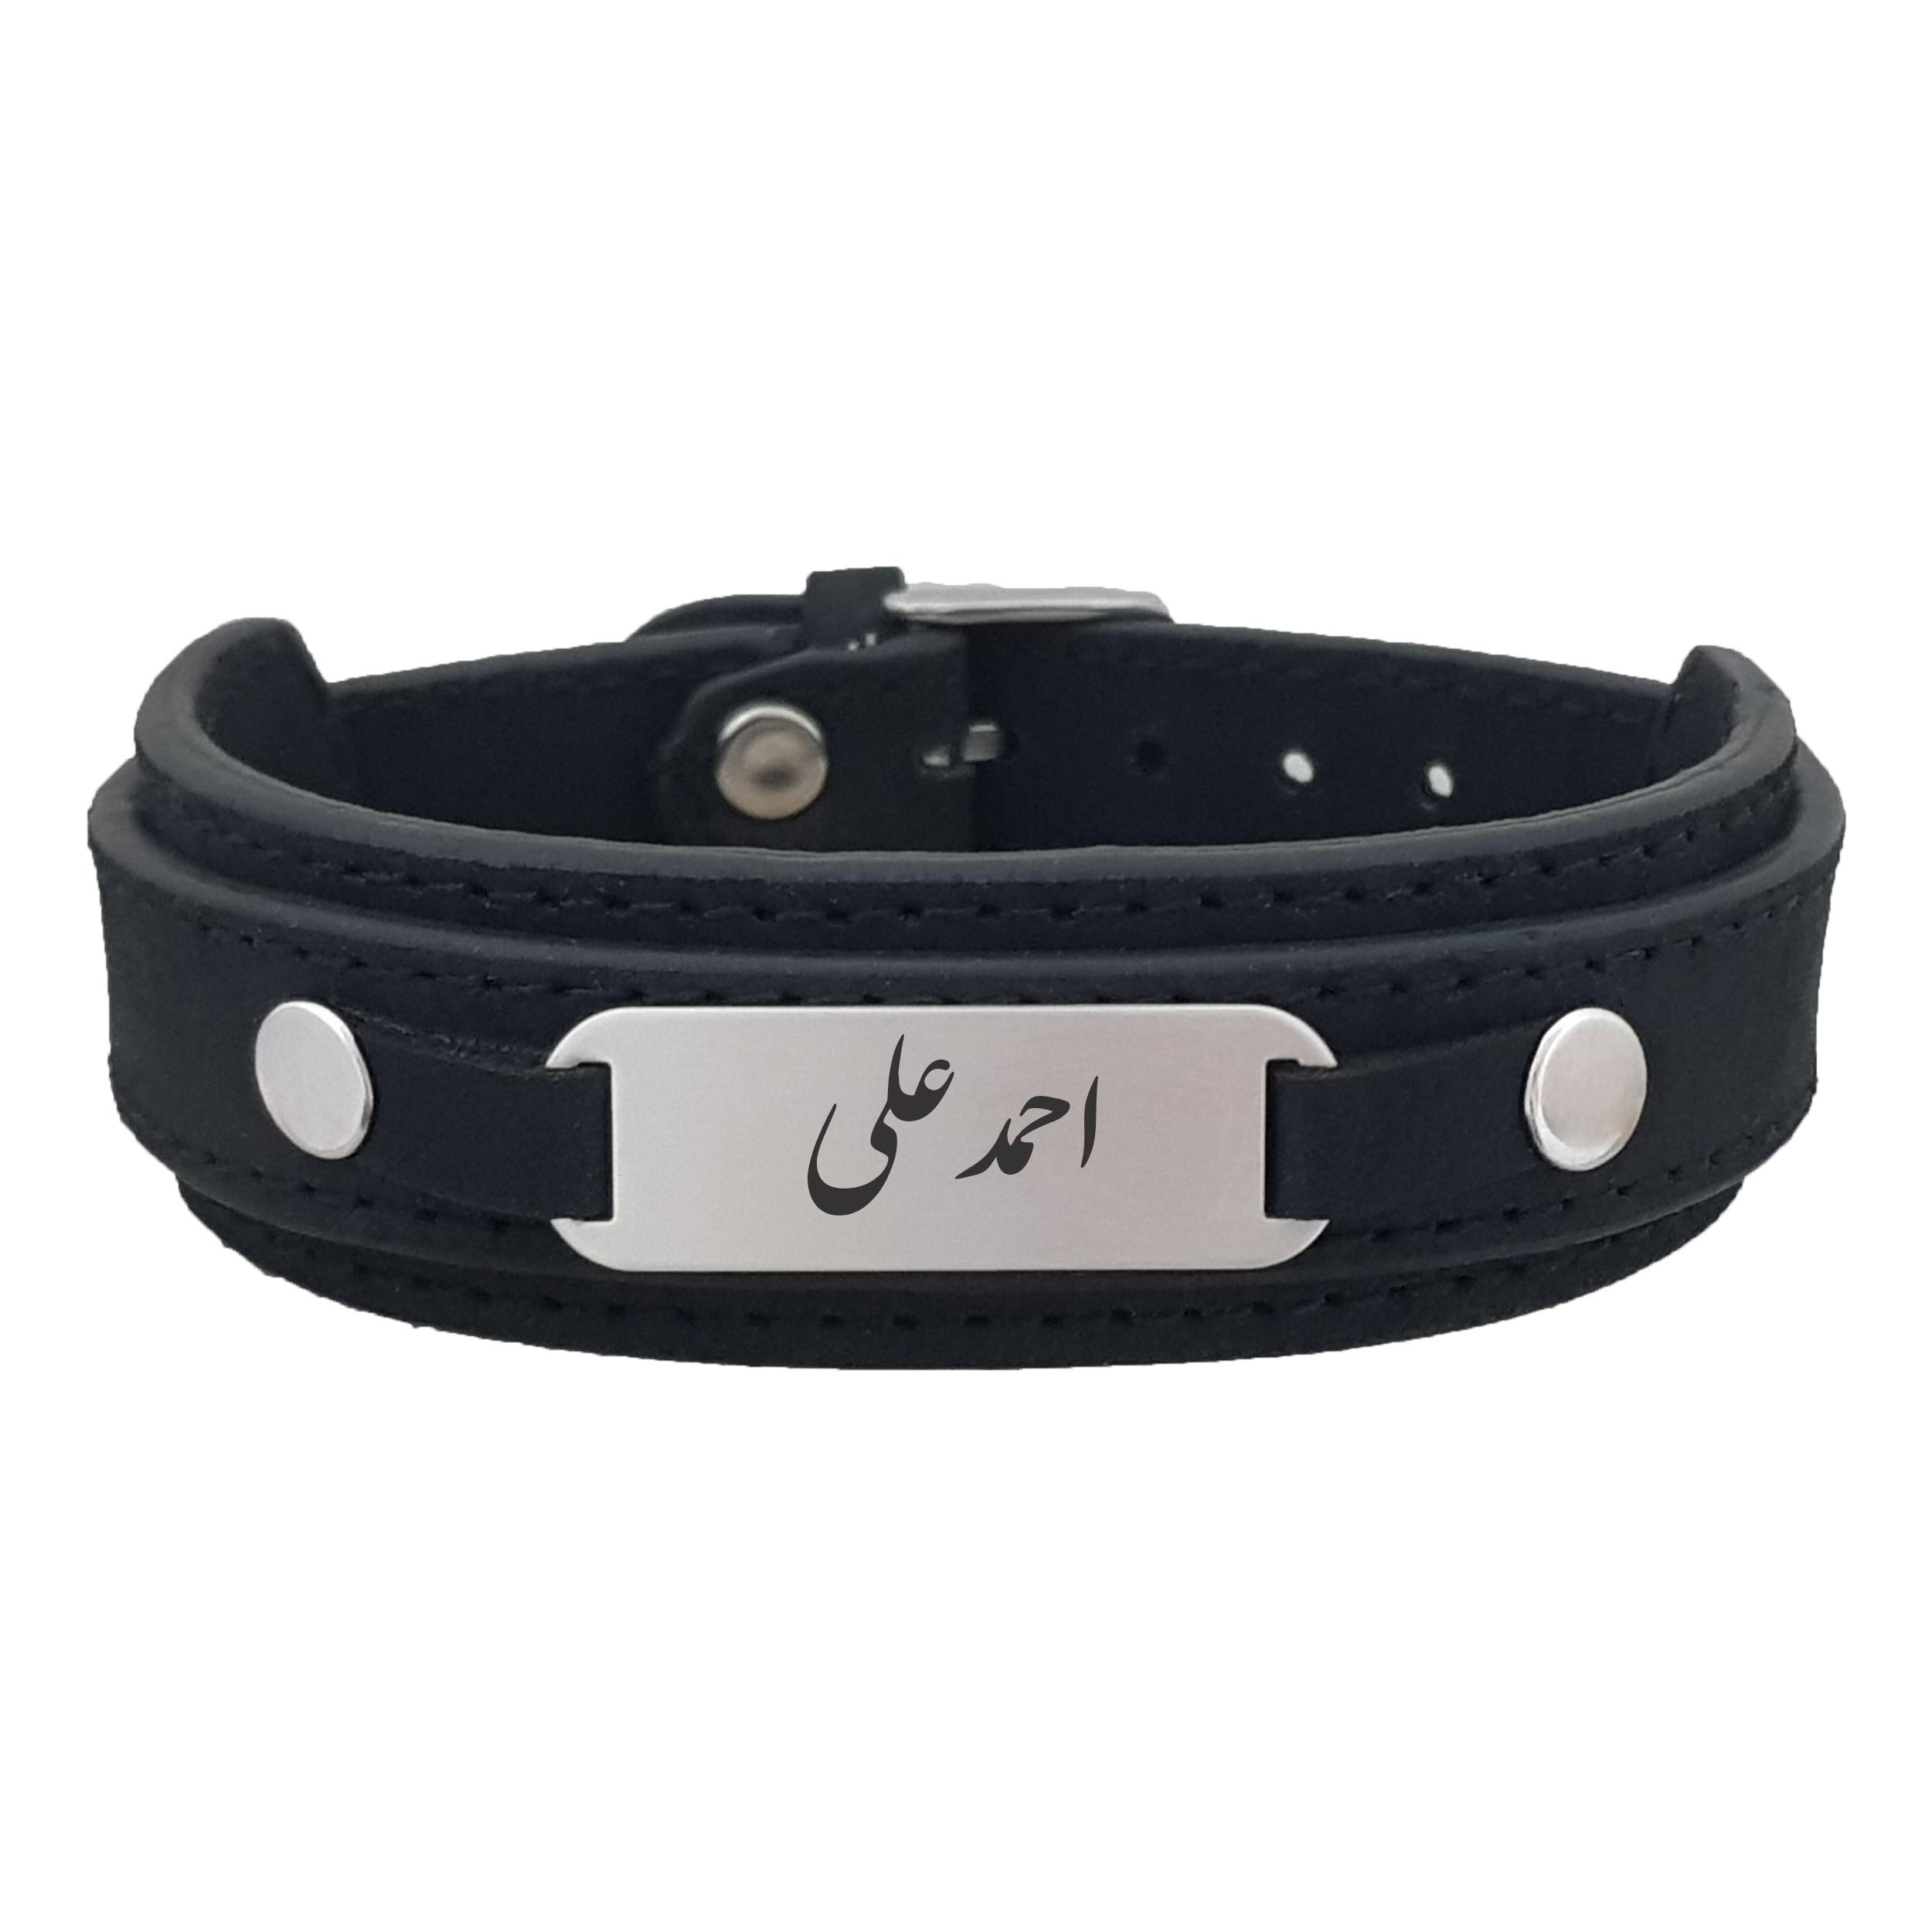 دستبند نقره مردانه ترمه ۱ مدلاحمد علی کد Dcsf0186